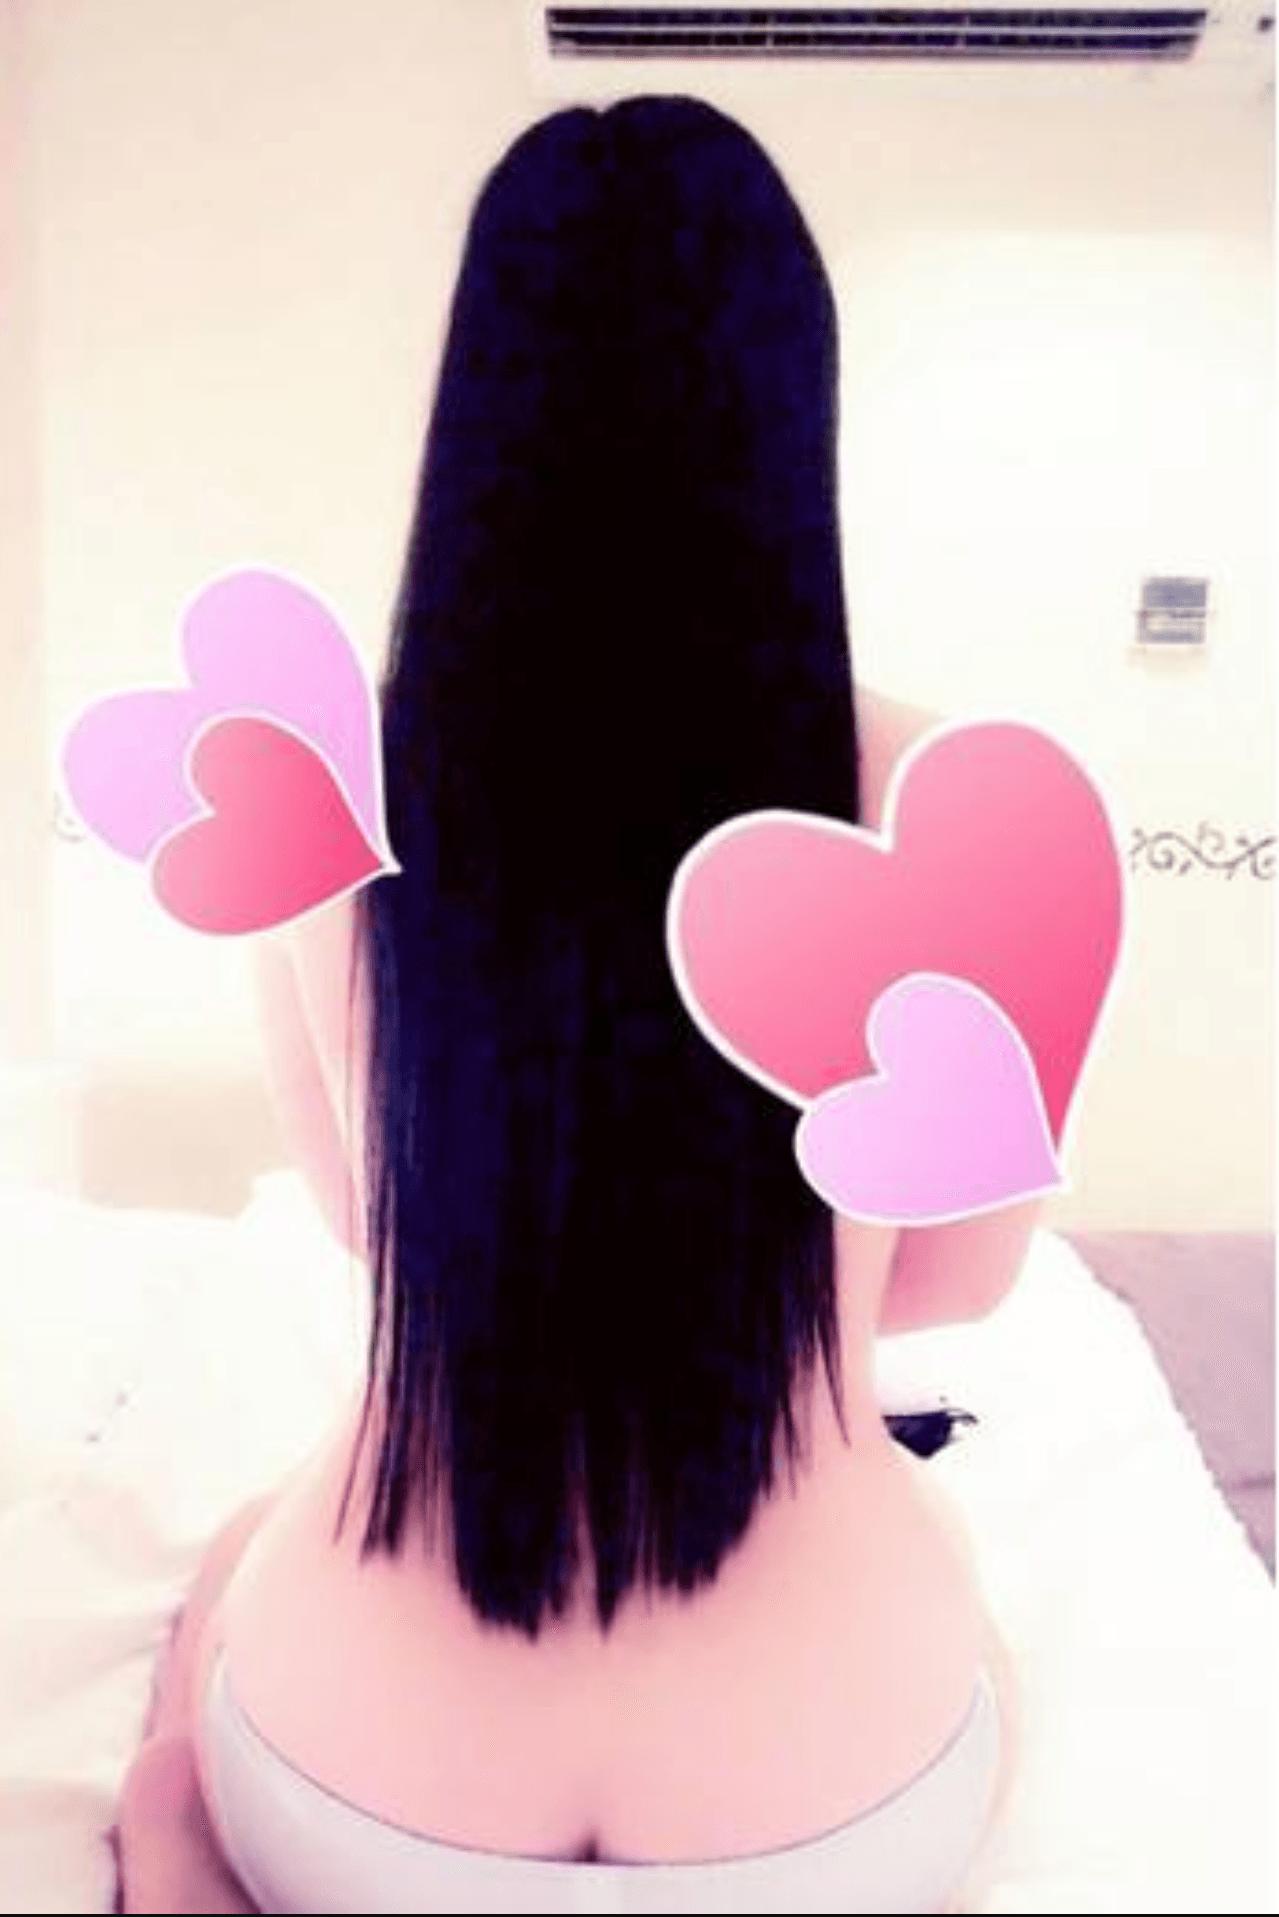 「*〜ありがとうございました〜*」10/21(月) 03:45   新人★藤咲 魅惑の黒髪ドS痴女の写メ・風俗動画